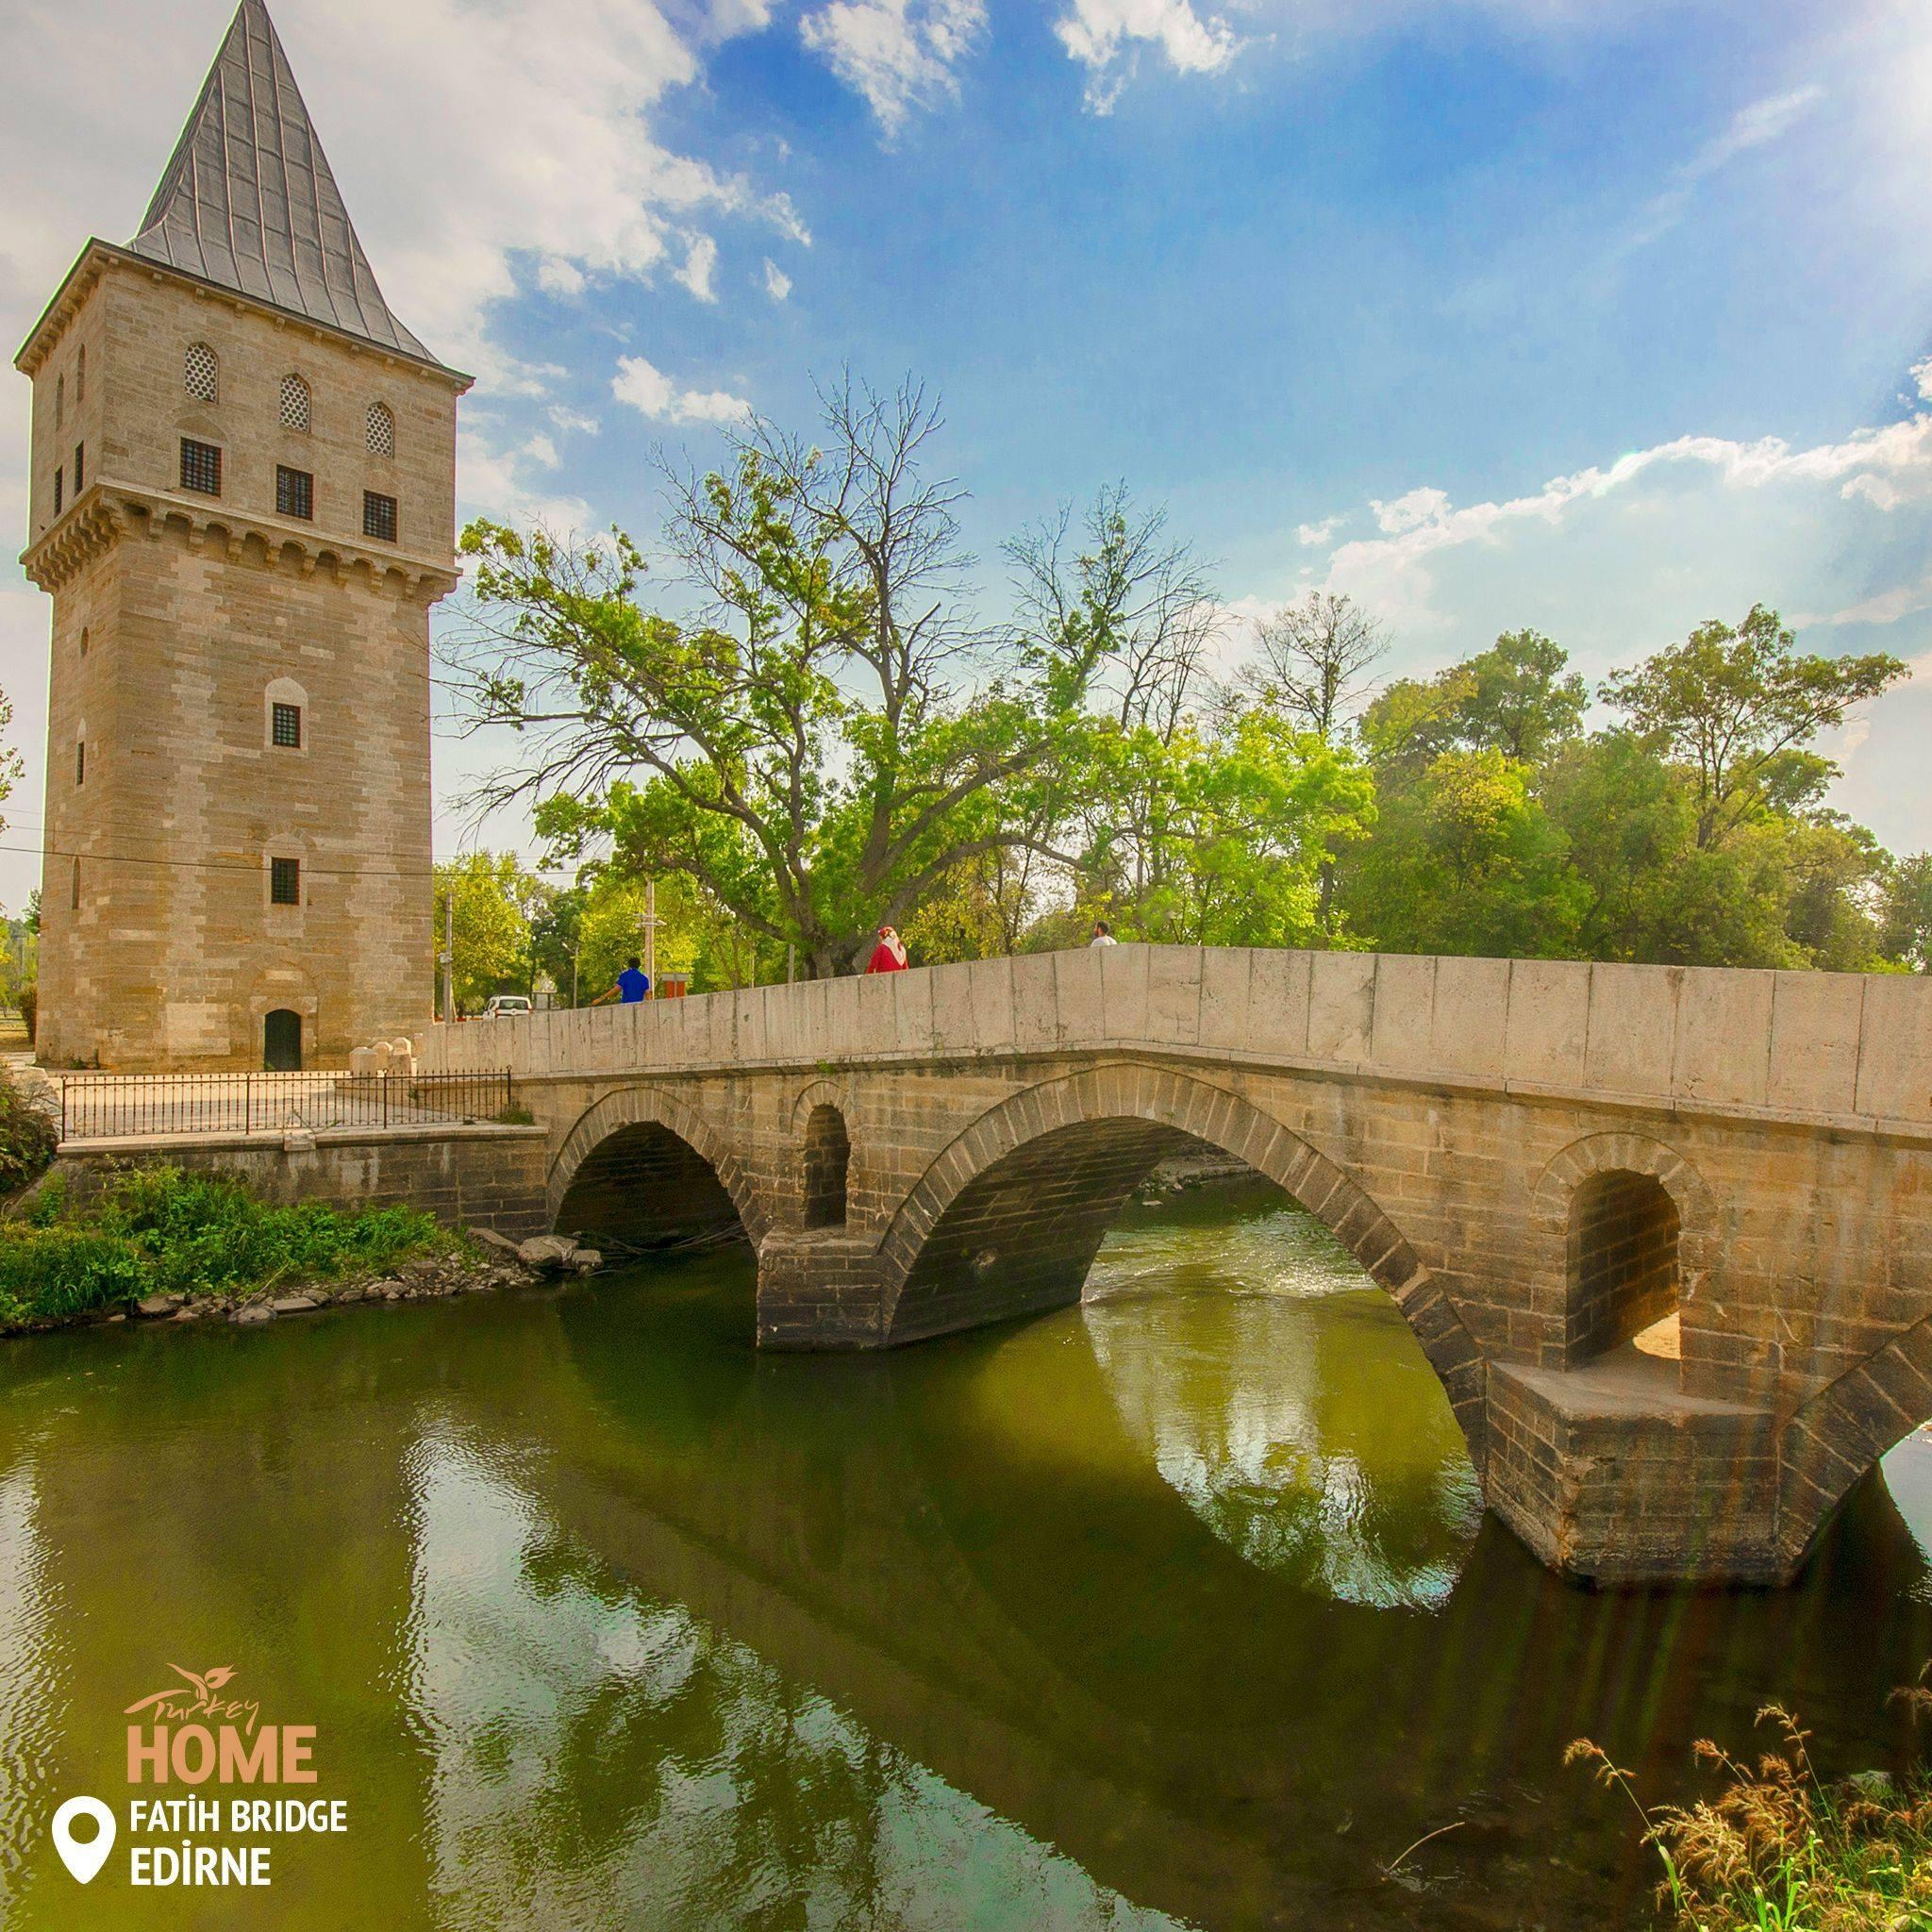 Fatih Bridge, Edirne